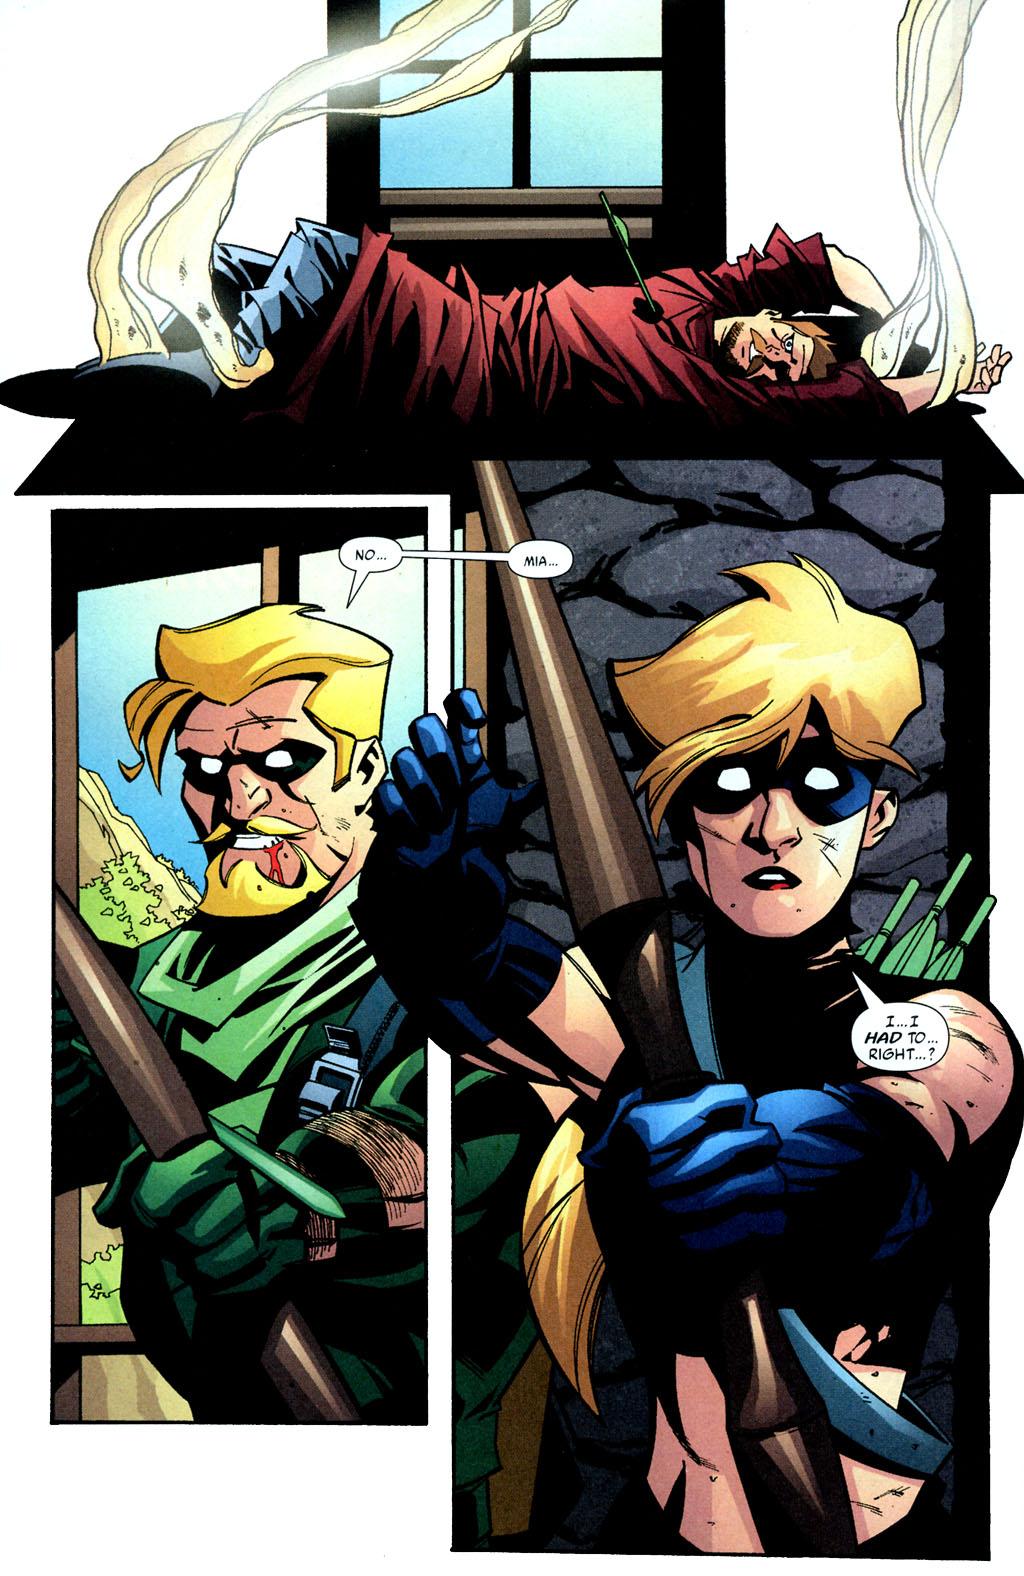 Green Arrow 39-22 Oliver Queen Mia Dearden Speedy.jpg